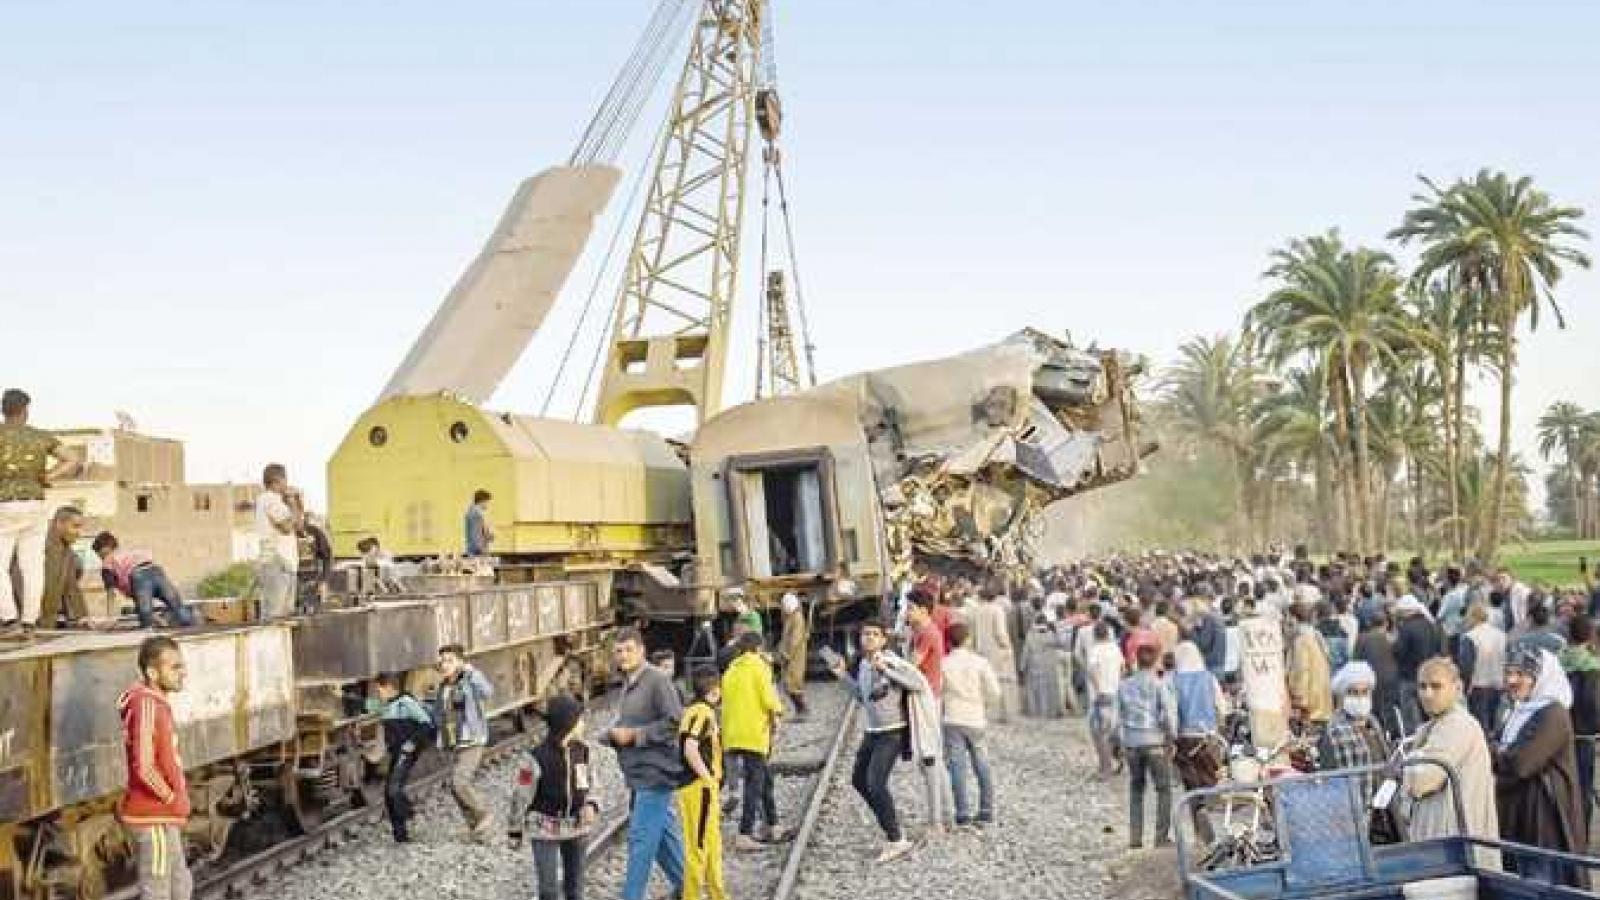 Ai Cập công bố kết quả điều tra nguyên nhân vụ tai nạn tàu hỏa thảm khốc ở Sohag